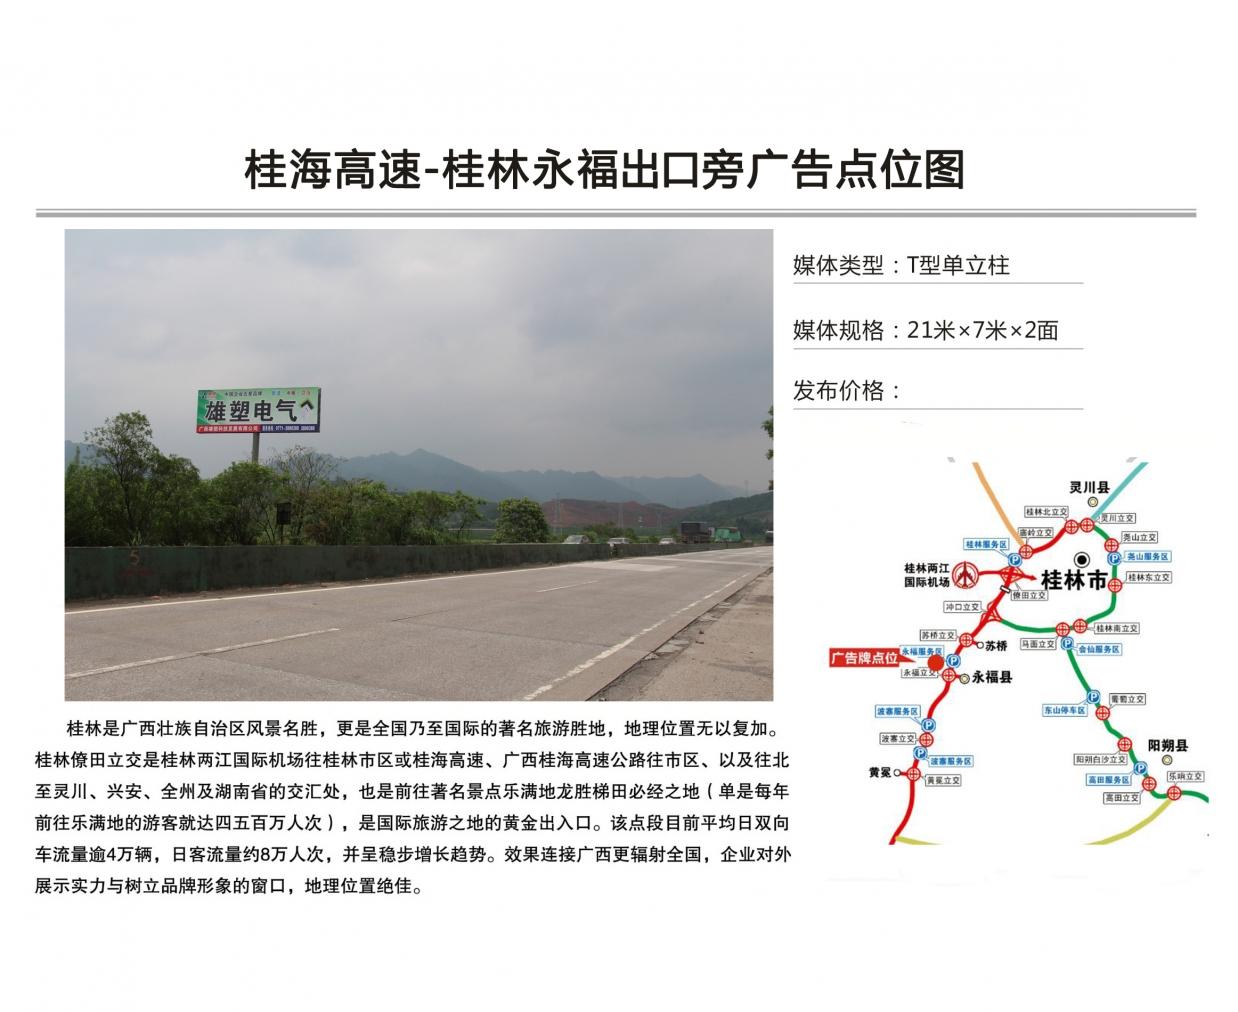 桂海高速-桂林永福出口旁广告点位图